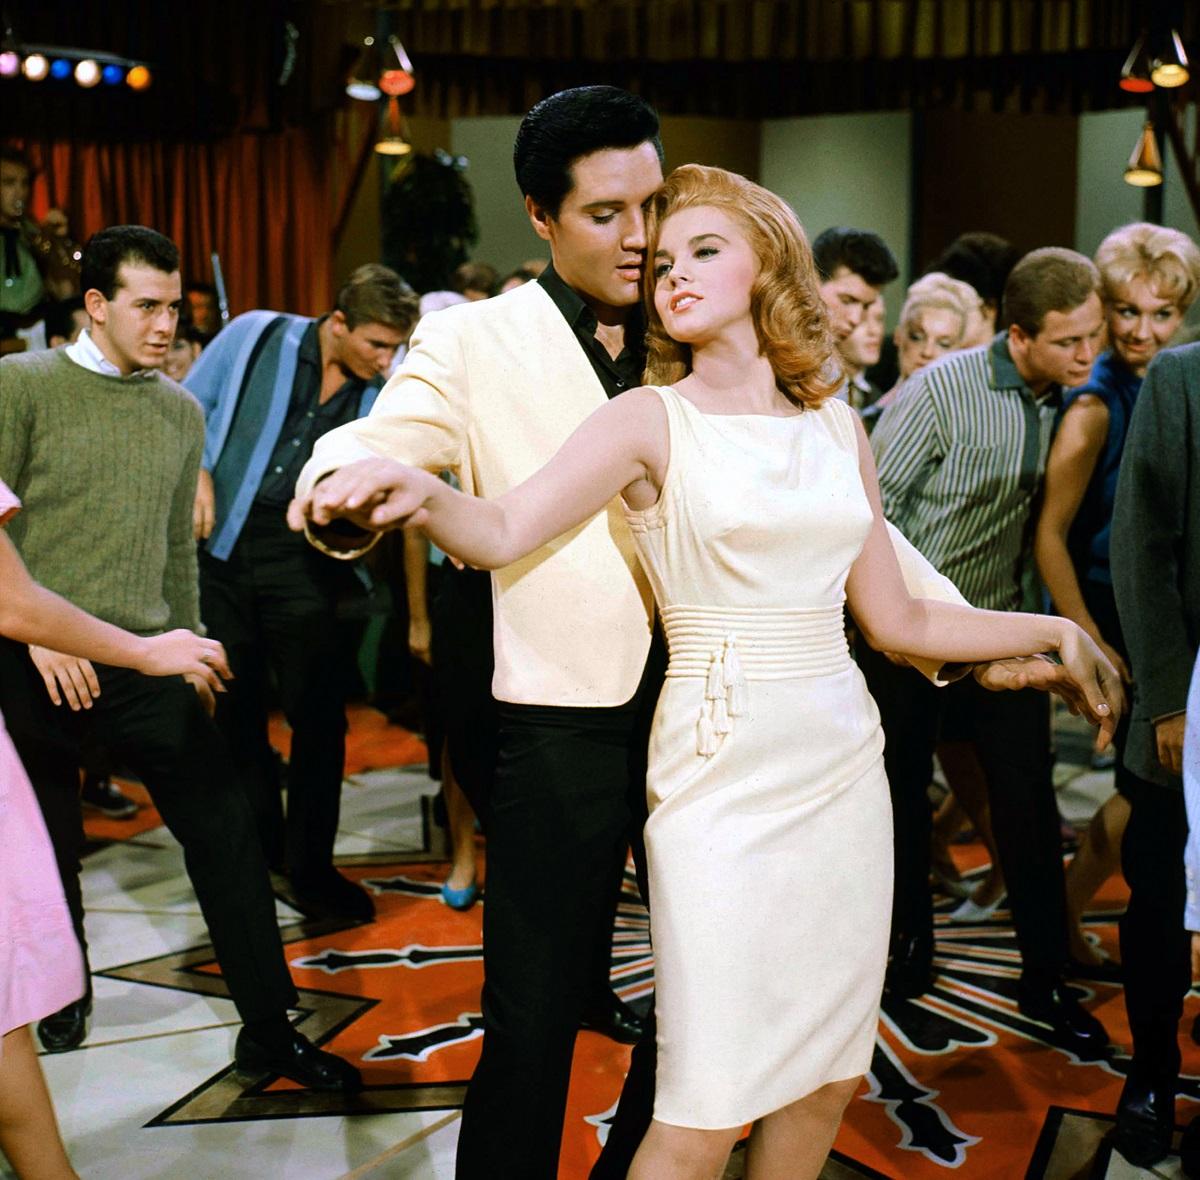 Ann-Margret and Elvis Presley dancing in 'Viva Las Vegas,' directed by George Sidney